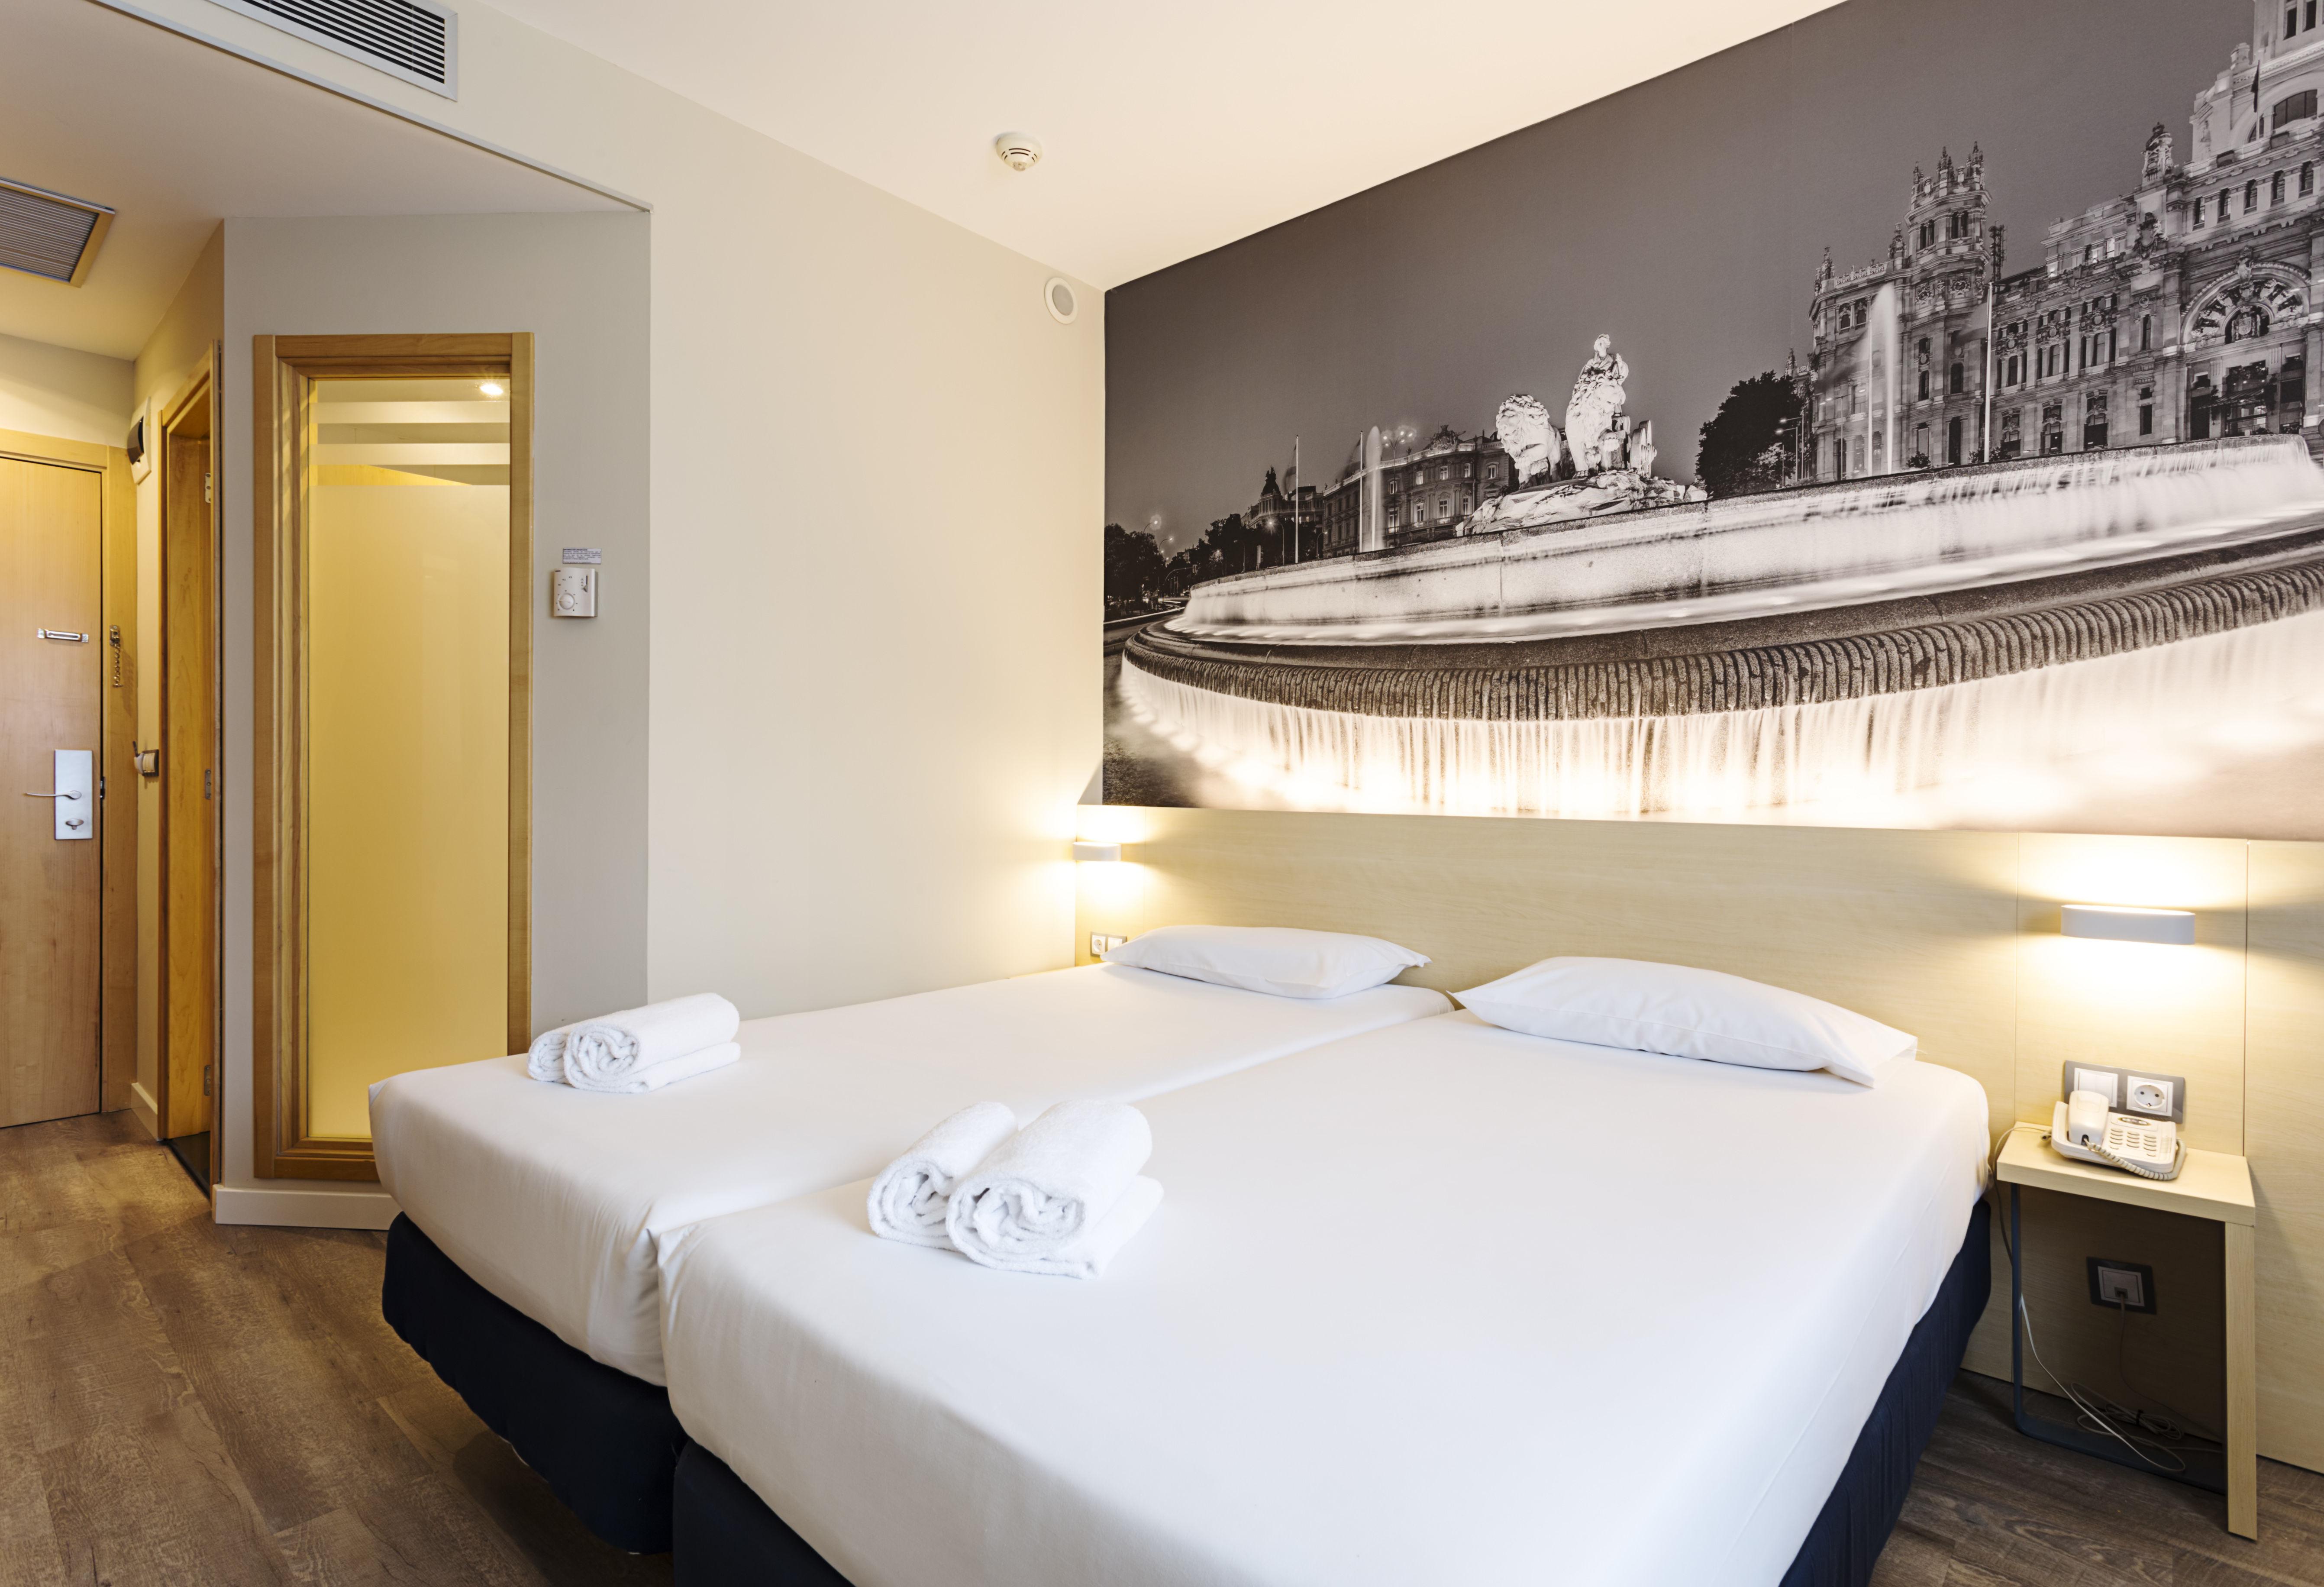 Habitación doble dos camas separadas Fumadores del hotel B&b Madrid Airport. Foto 2